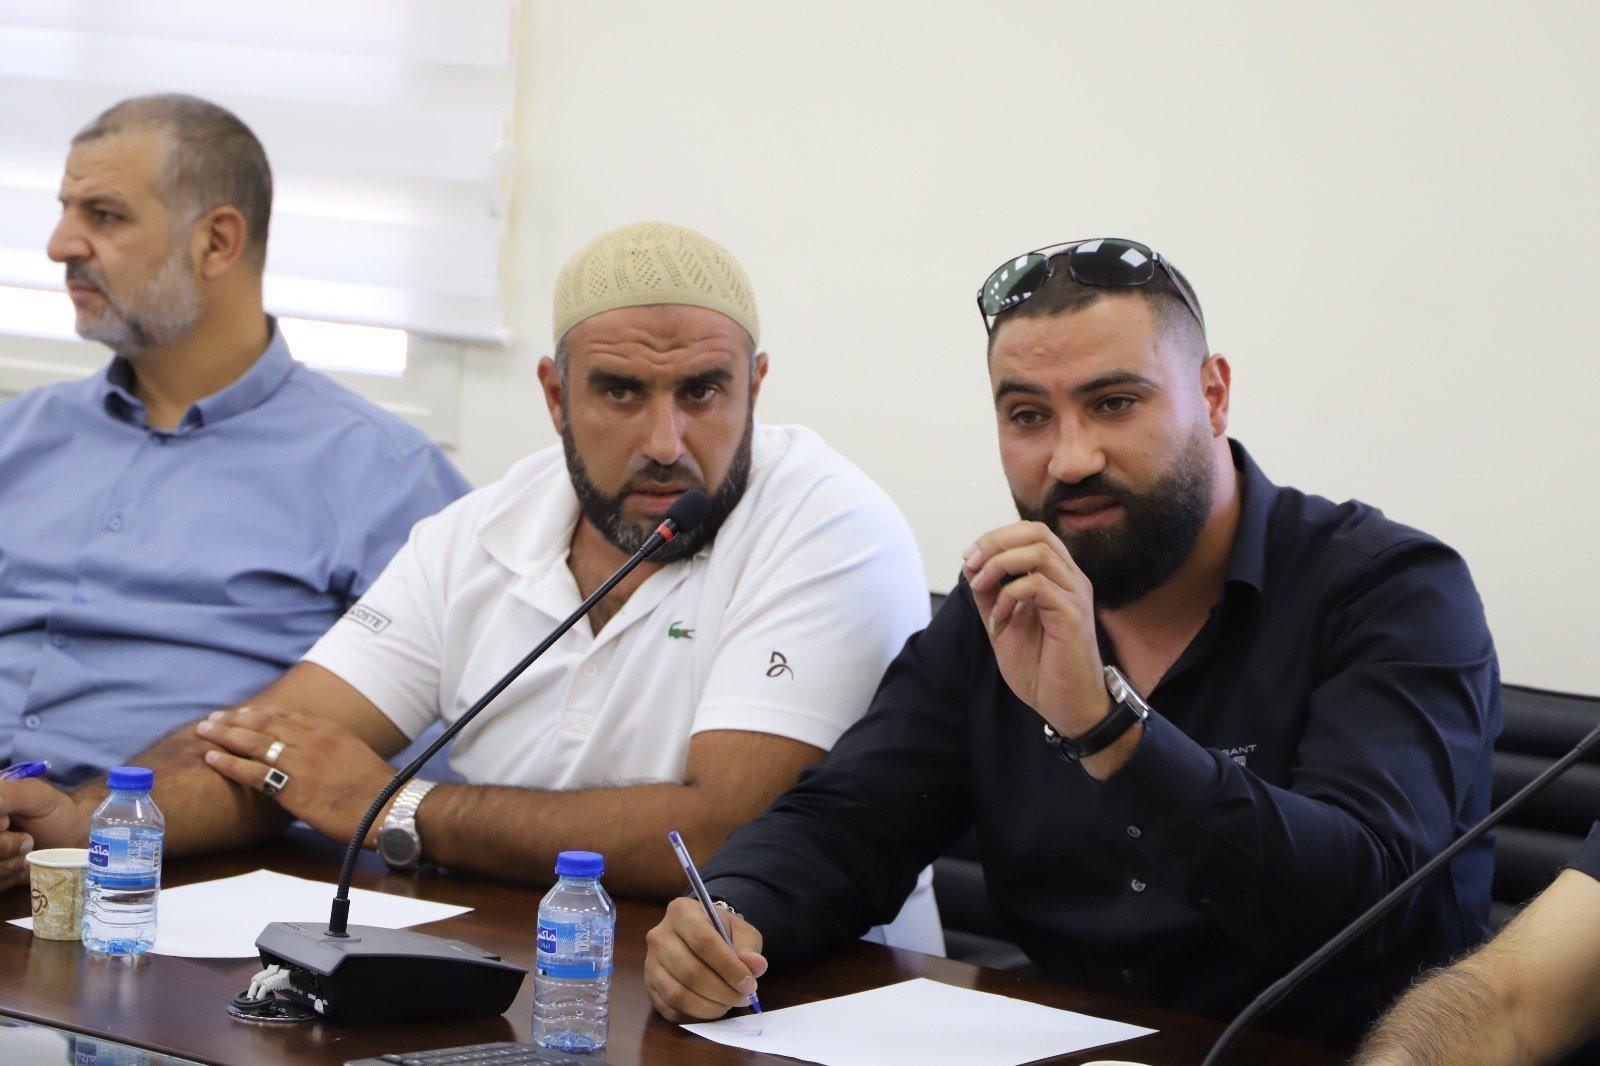 هيثم زحالقة لـبكرا: العمل البلدي ليس سهلا... نريد توطيد العلاقة بين المواطن القرعاوي والمجلس